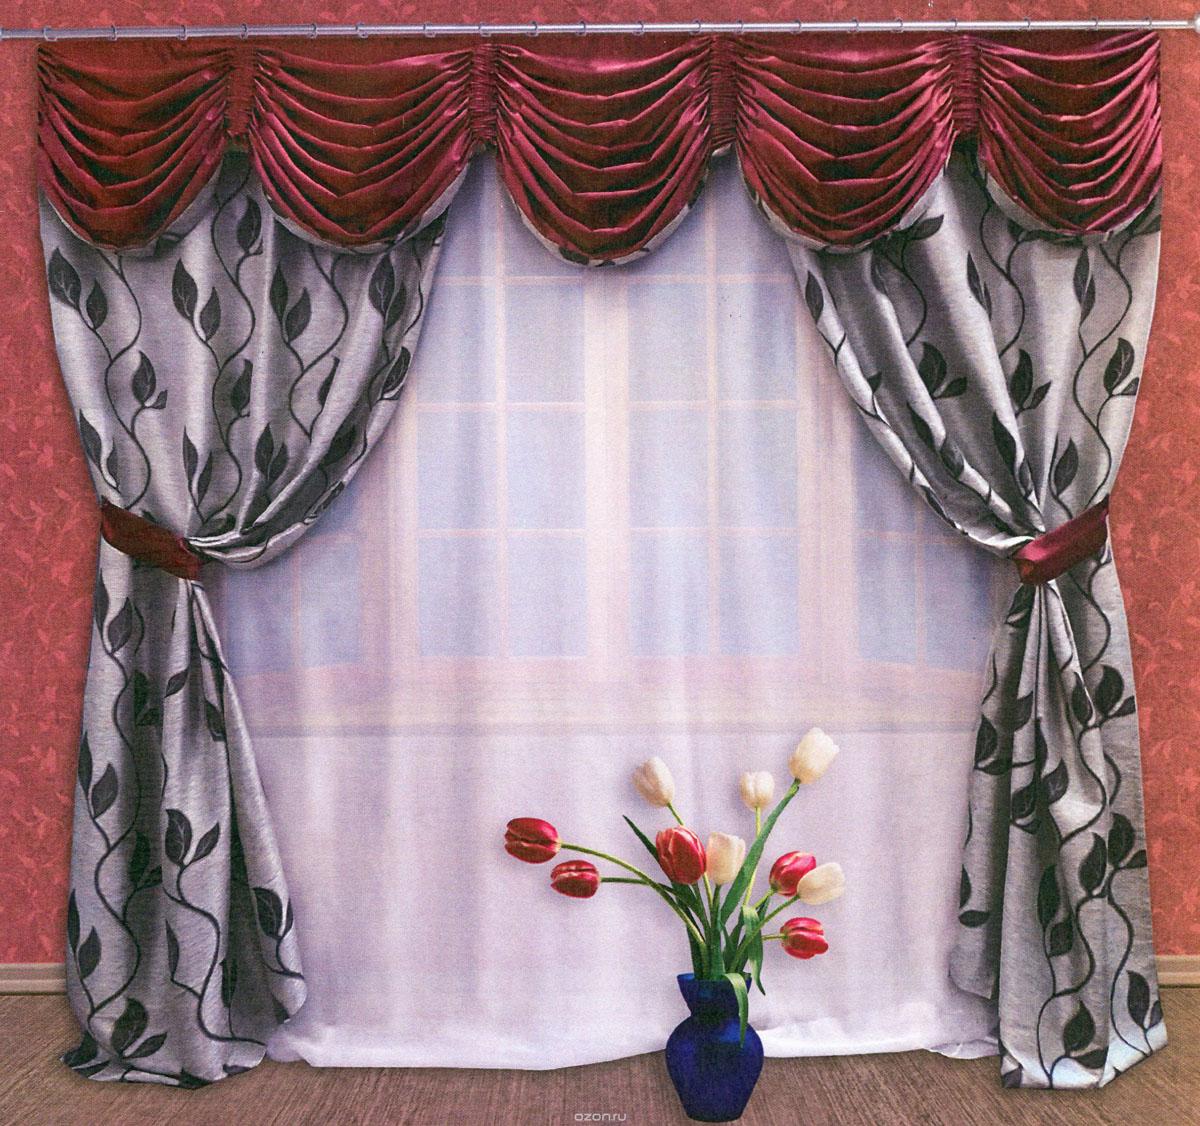 Комплект штор Zlata Korunka, на ленте, цвет: серый, бордовый, высота 250 см. 55508GC013/00Роскошный комплект штор Zlata Korunka, выполненный из ткани сатин санрайз и шанзализе (100% полиэстера), великолепно украсит любое окно. Комплект состоит из двух портьер, ламбрекена и двух подхватов. Плотная ткань, изображение листьев и приятная, приглушенная гамма привлекут к себе внимание и органично впишутся в интерьер помещения. Комплект крепится на карниз при помощи шторной ленты, которая поможет красиво и равномерно задрапировать верх. Портьеры можно зафиксировать в одном положении с помощью двух подхватов. Этот комплект будет долгое время радовать вас и вашу семью! В комплект входит: Портьера: 2 шт. Размер (ШхВ): 145 см х 250 см. Ламбрекен: 1 шт. Размер (ШхВ): 300 см х 50 см.Подхват: 2 шт. Размер (ШхВ): 60 см х 10 см.